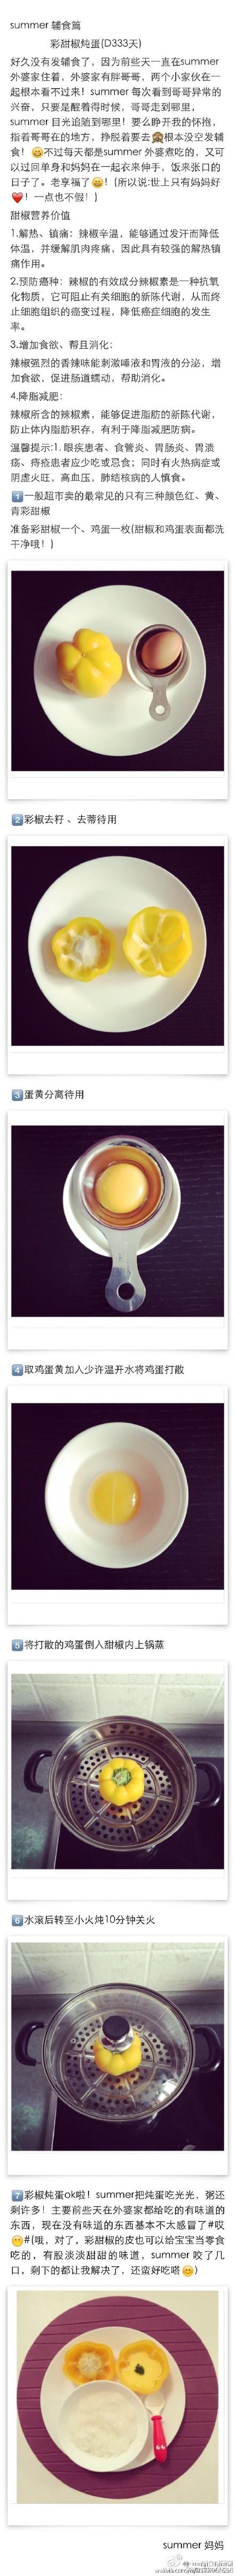 【彩甜椒炖蛋适合9个月以上的宝宝,这个彩椒蒸蛋外形可爱,吃完蒸蛋后还可以把彩椒用食物剪剪小食用,作为宝宝的手指食物哦~